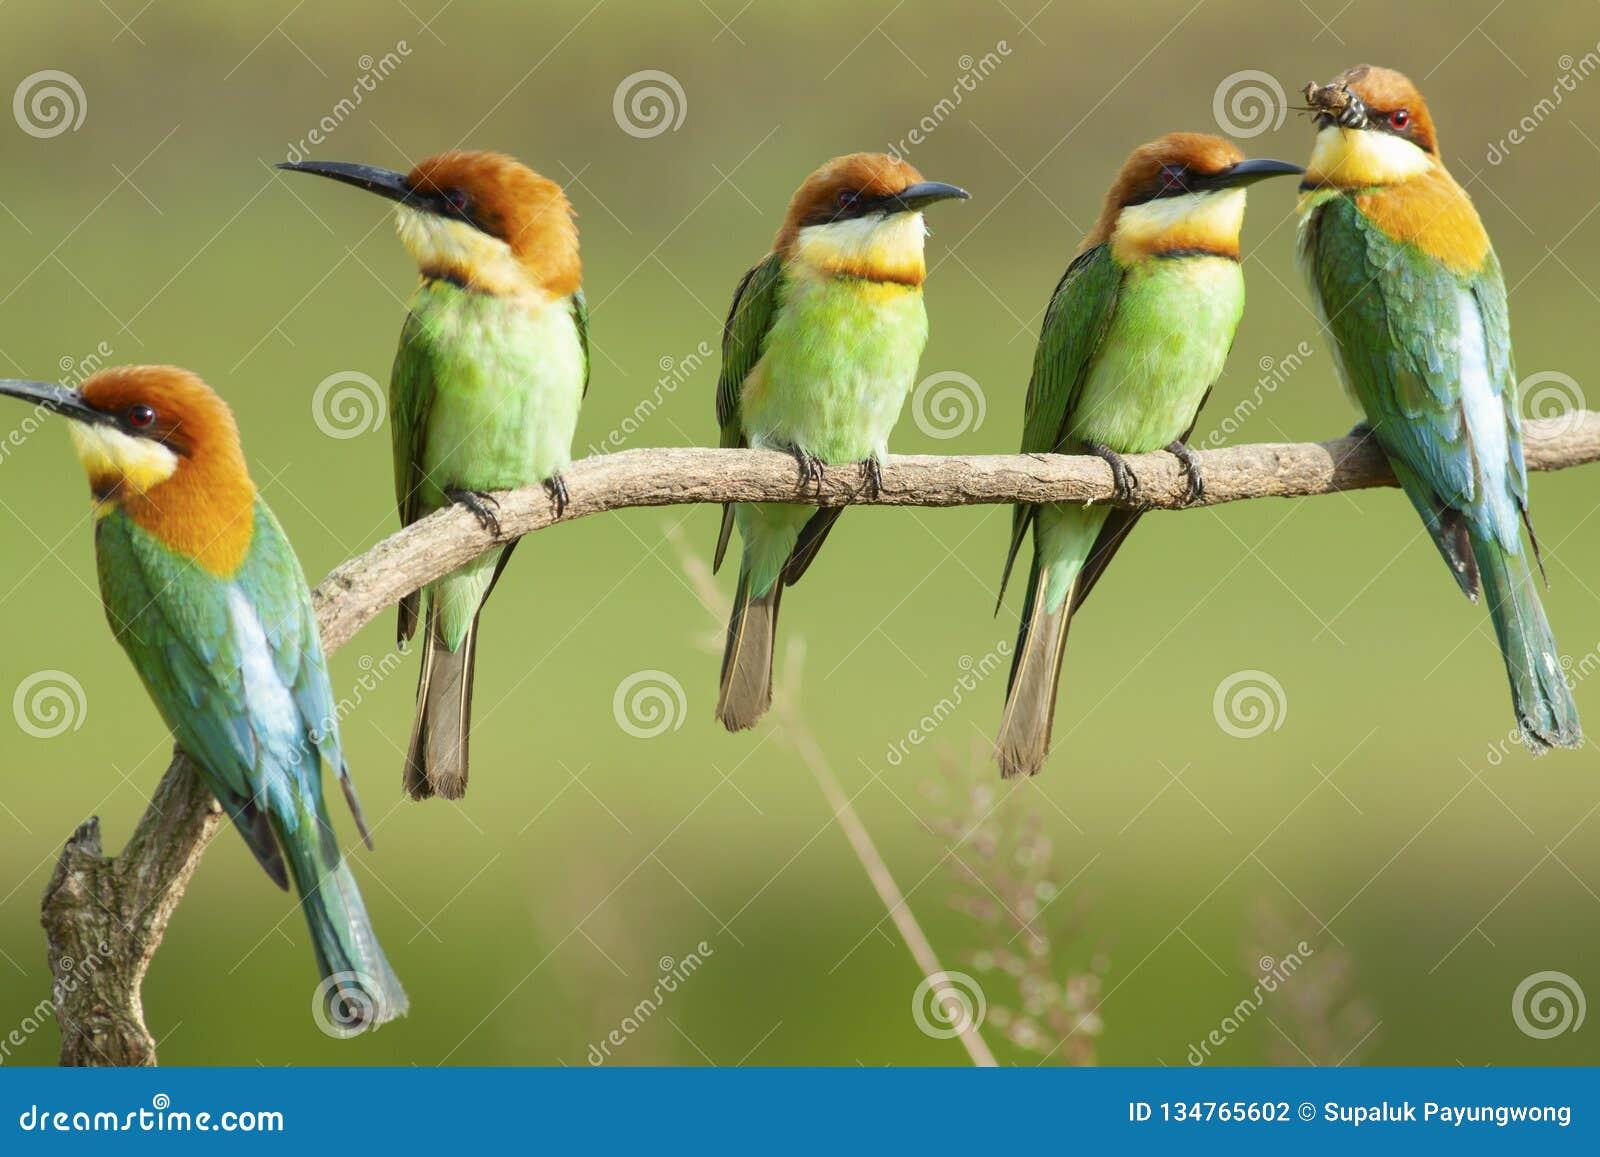 Chestnut-headed bee-eater breeding